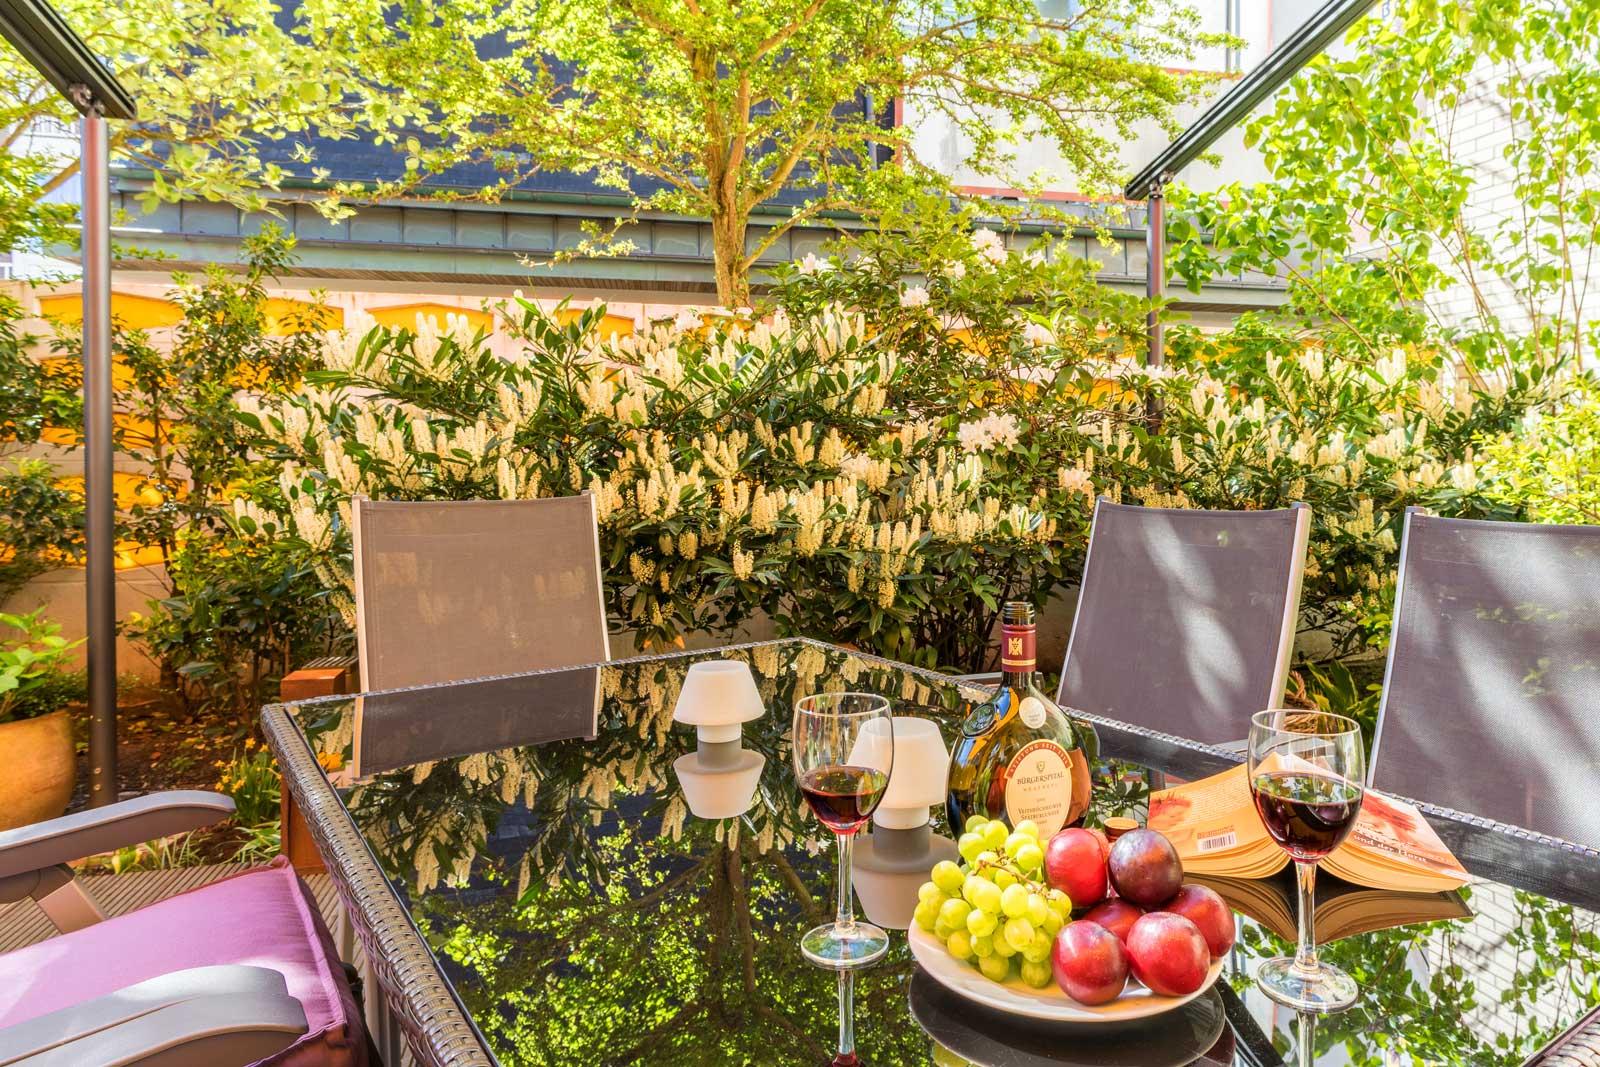 Terrasse mit gedecktem Tisch, Wein und Obst, Apartment Achterdeck